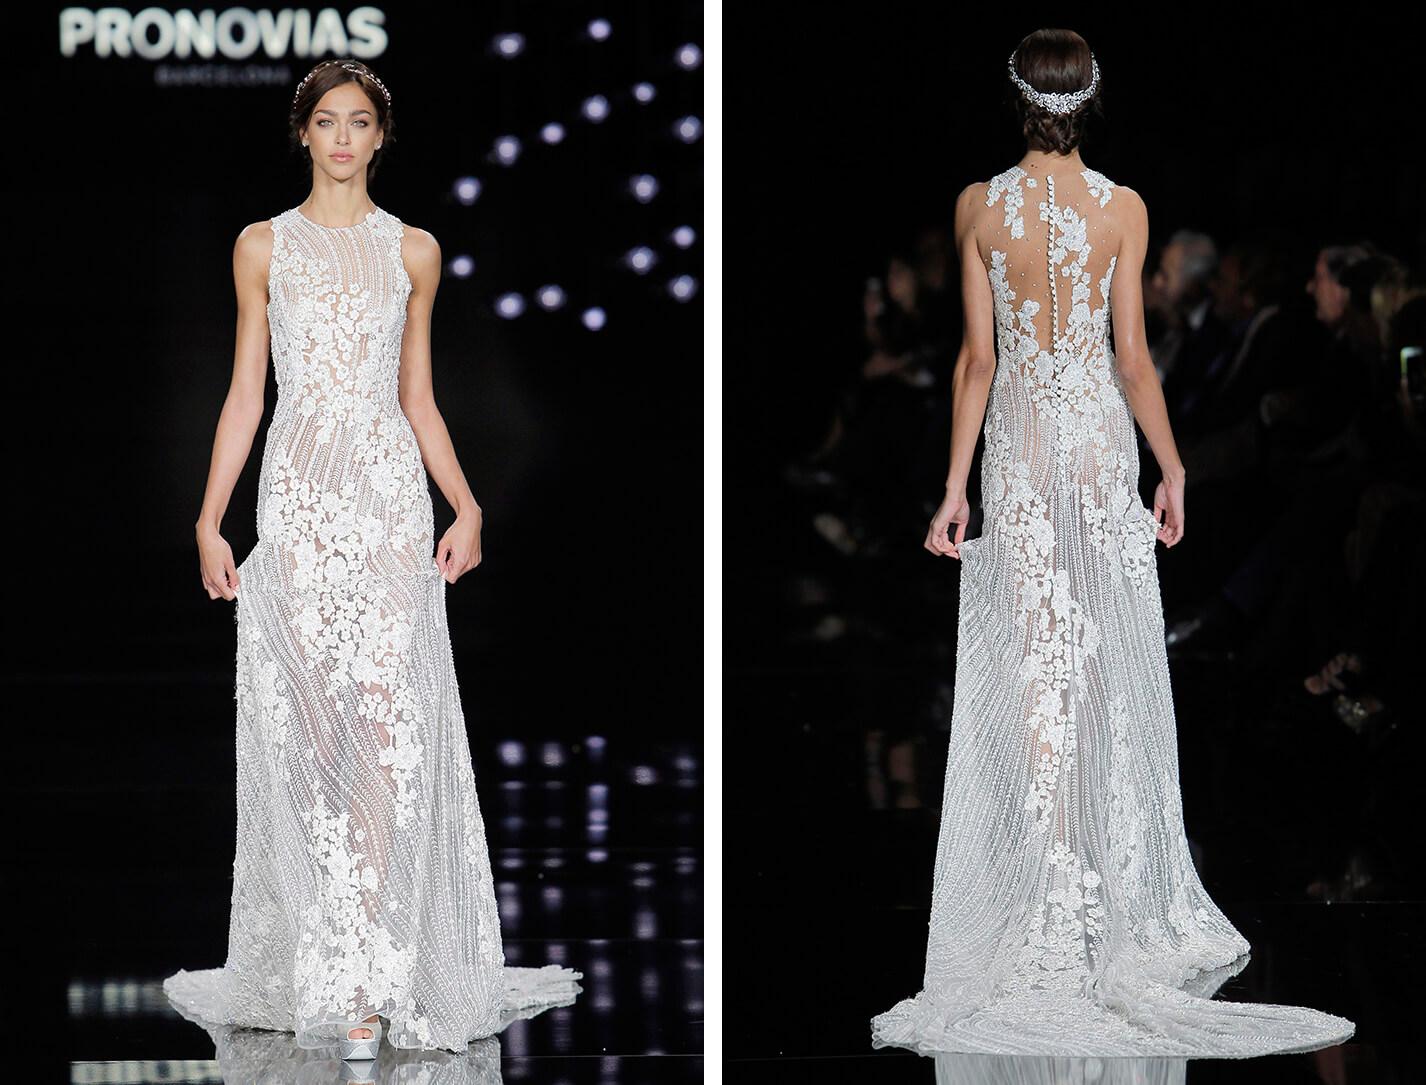 PRONOVIAS_Fashion_Show_2017_Naima